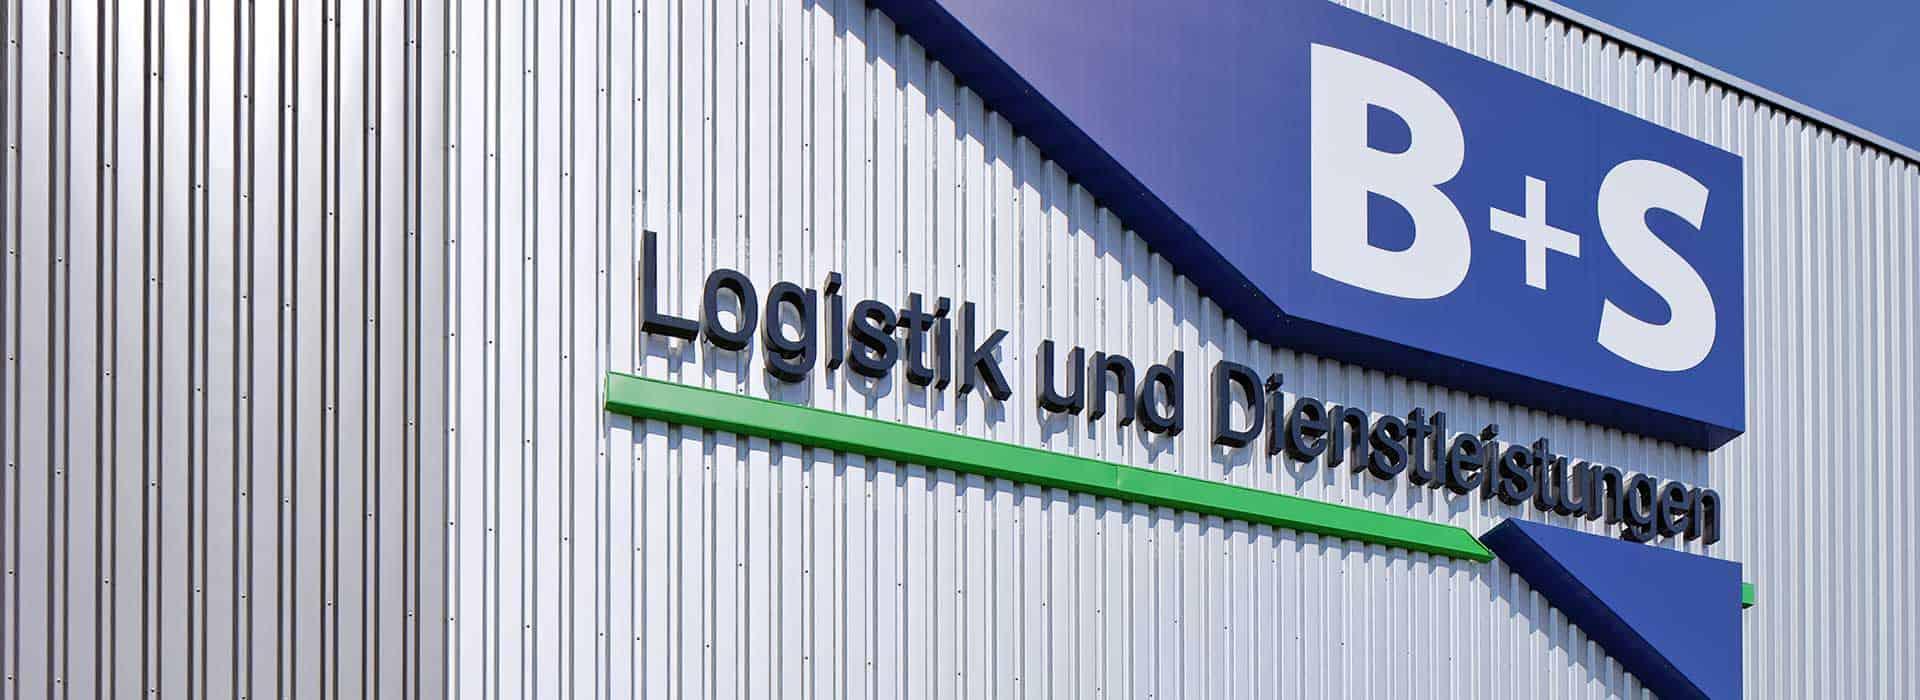 B+S Logistik und Dienstleistungen - Logistikdienstleistungen vom Profi.